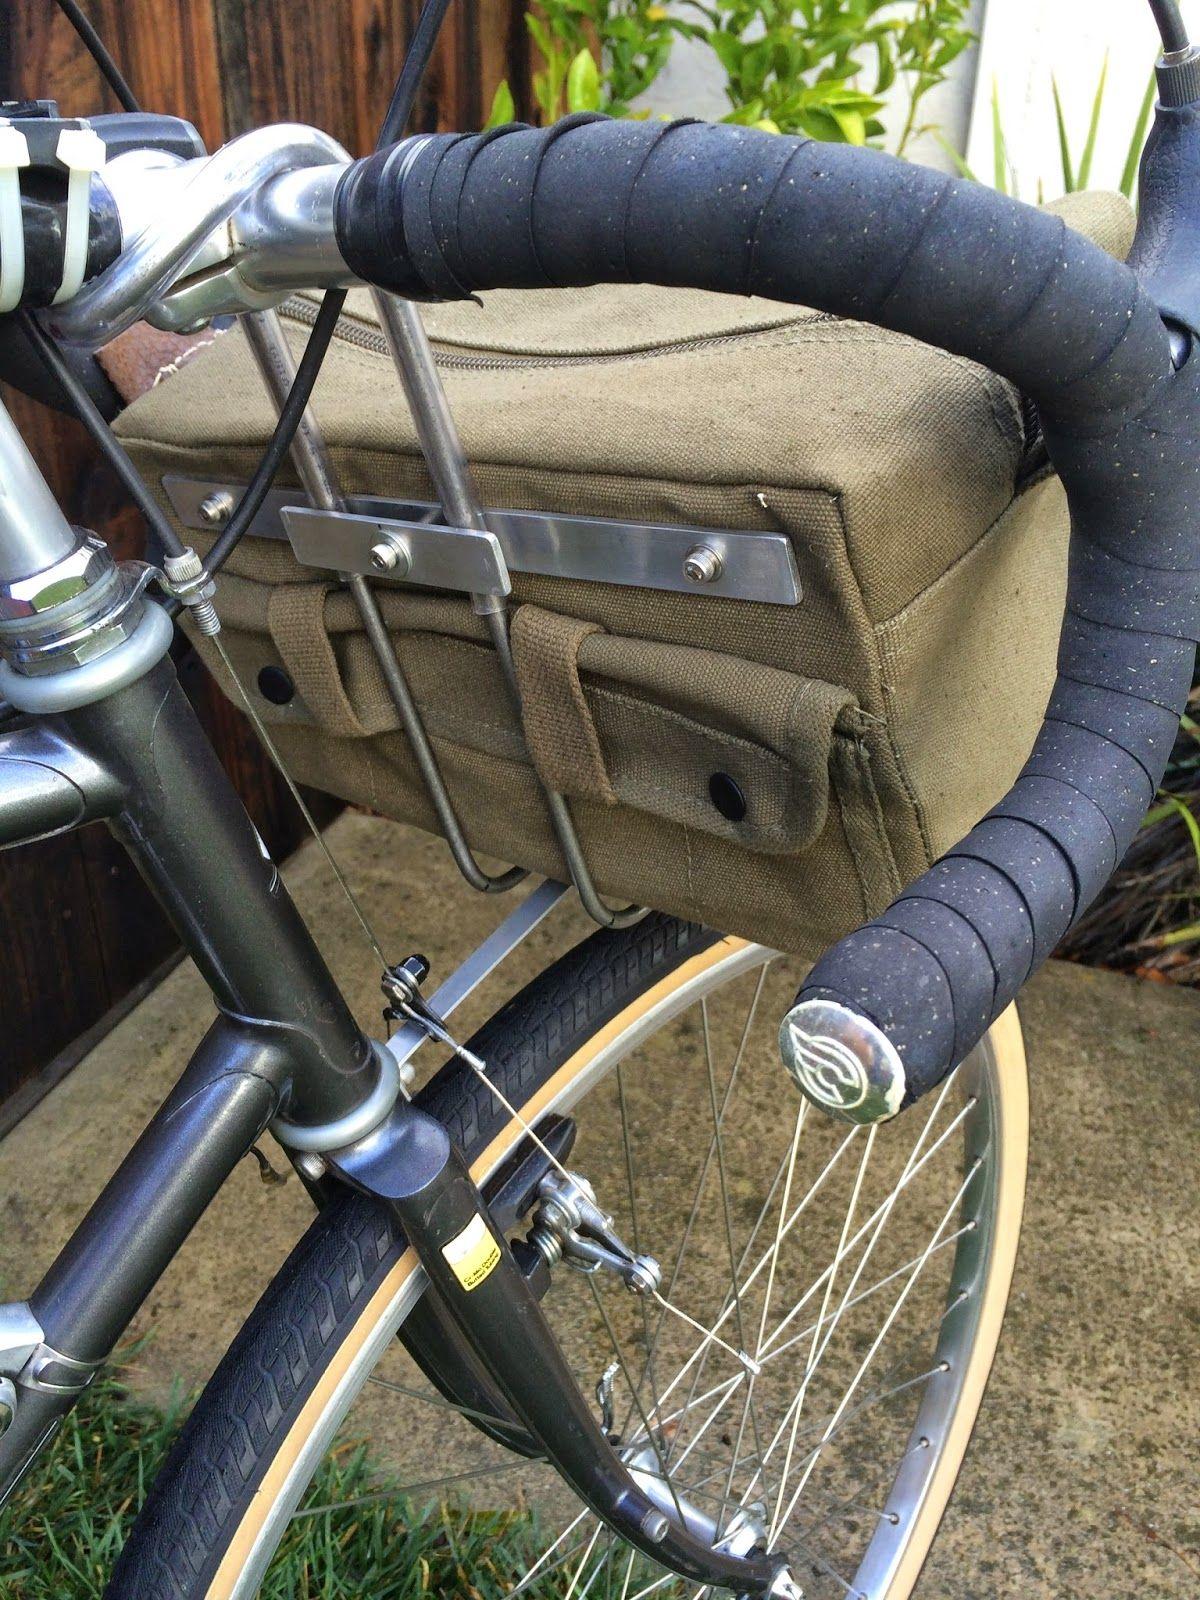 Diy Handlebar Bag And Support Rack Handlebar Bag Bike Bag